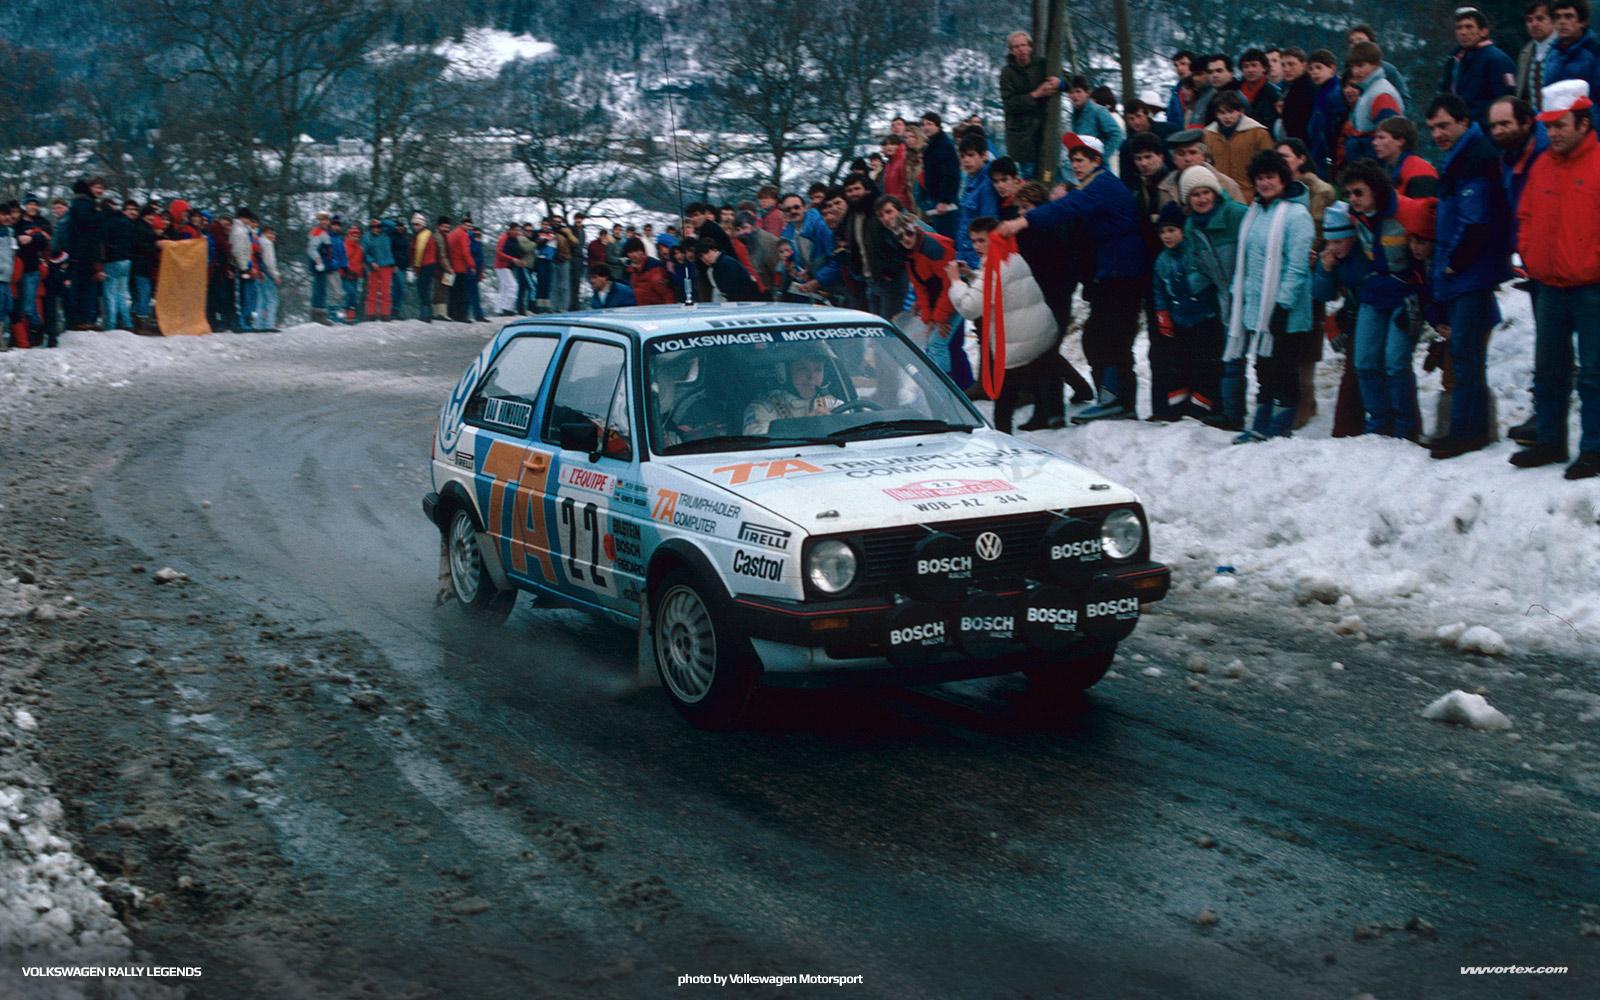 volkswagen-rally-legends-381